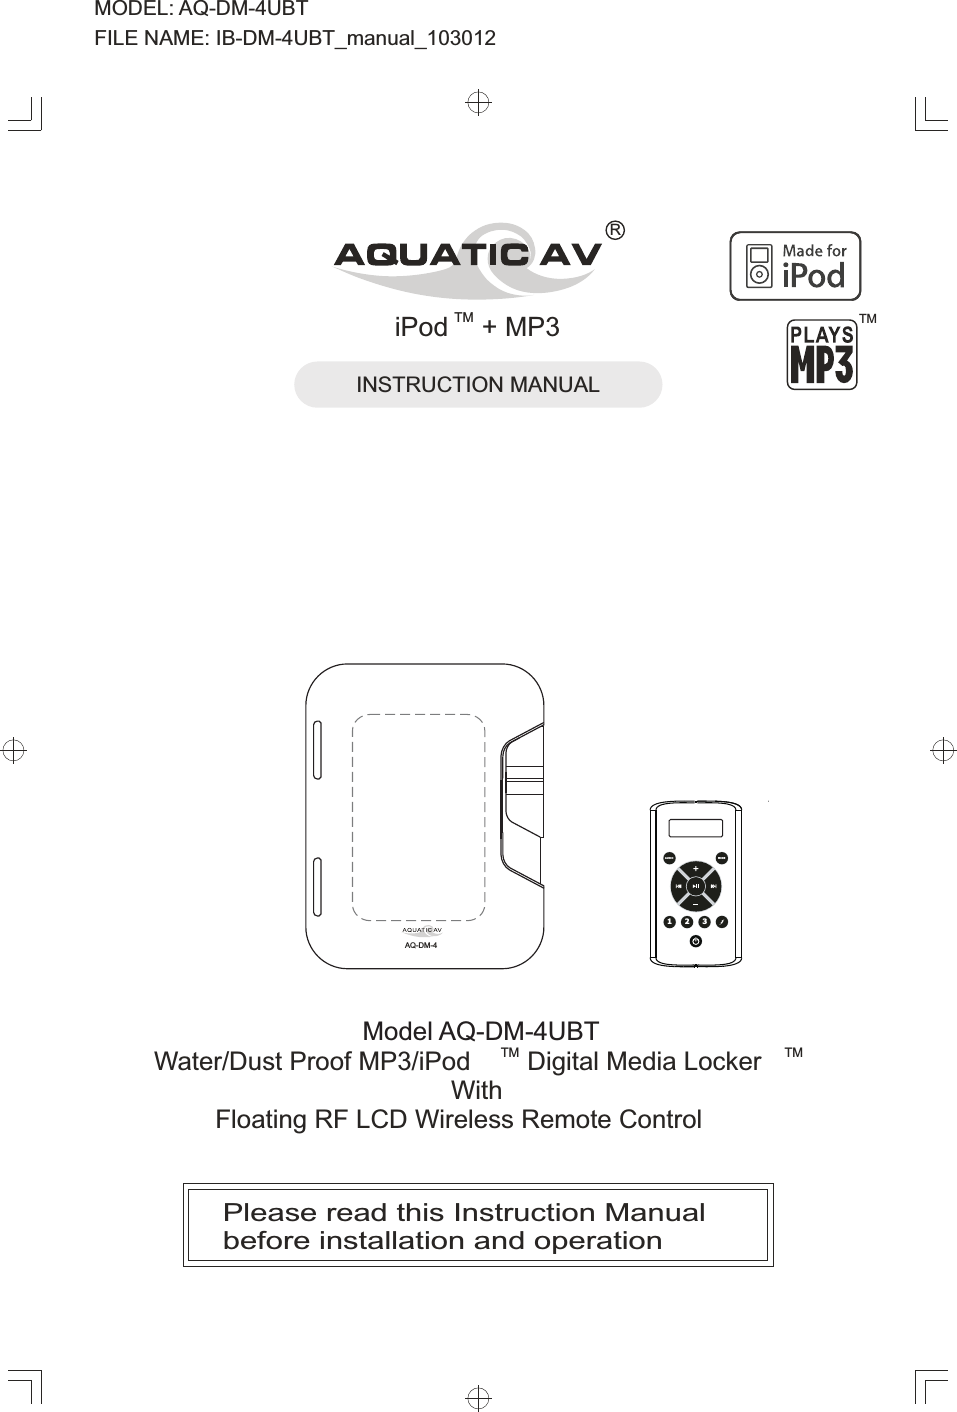 aquatic av aqrfdm4r water dust proof mp3 ipod digital media locker rh usermanual wiki Av Aquatic Center Aquatic AV Radio Harley